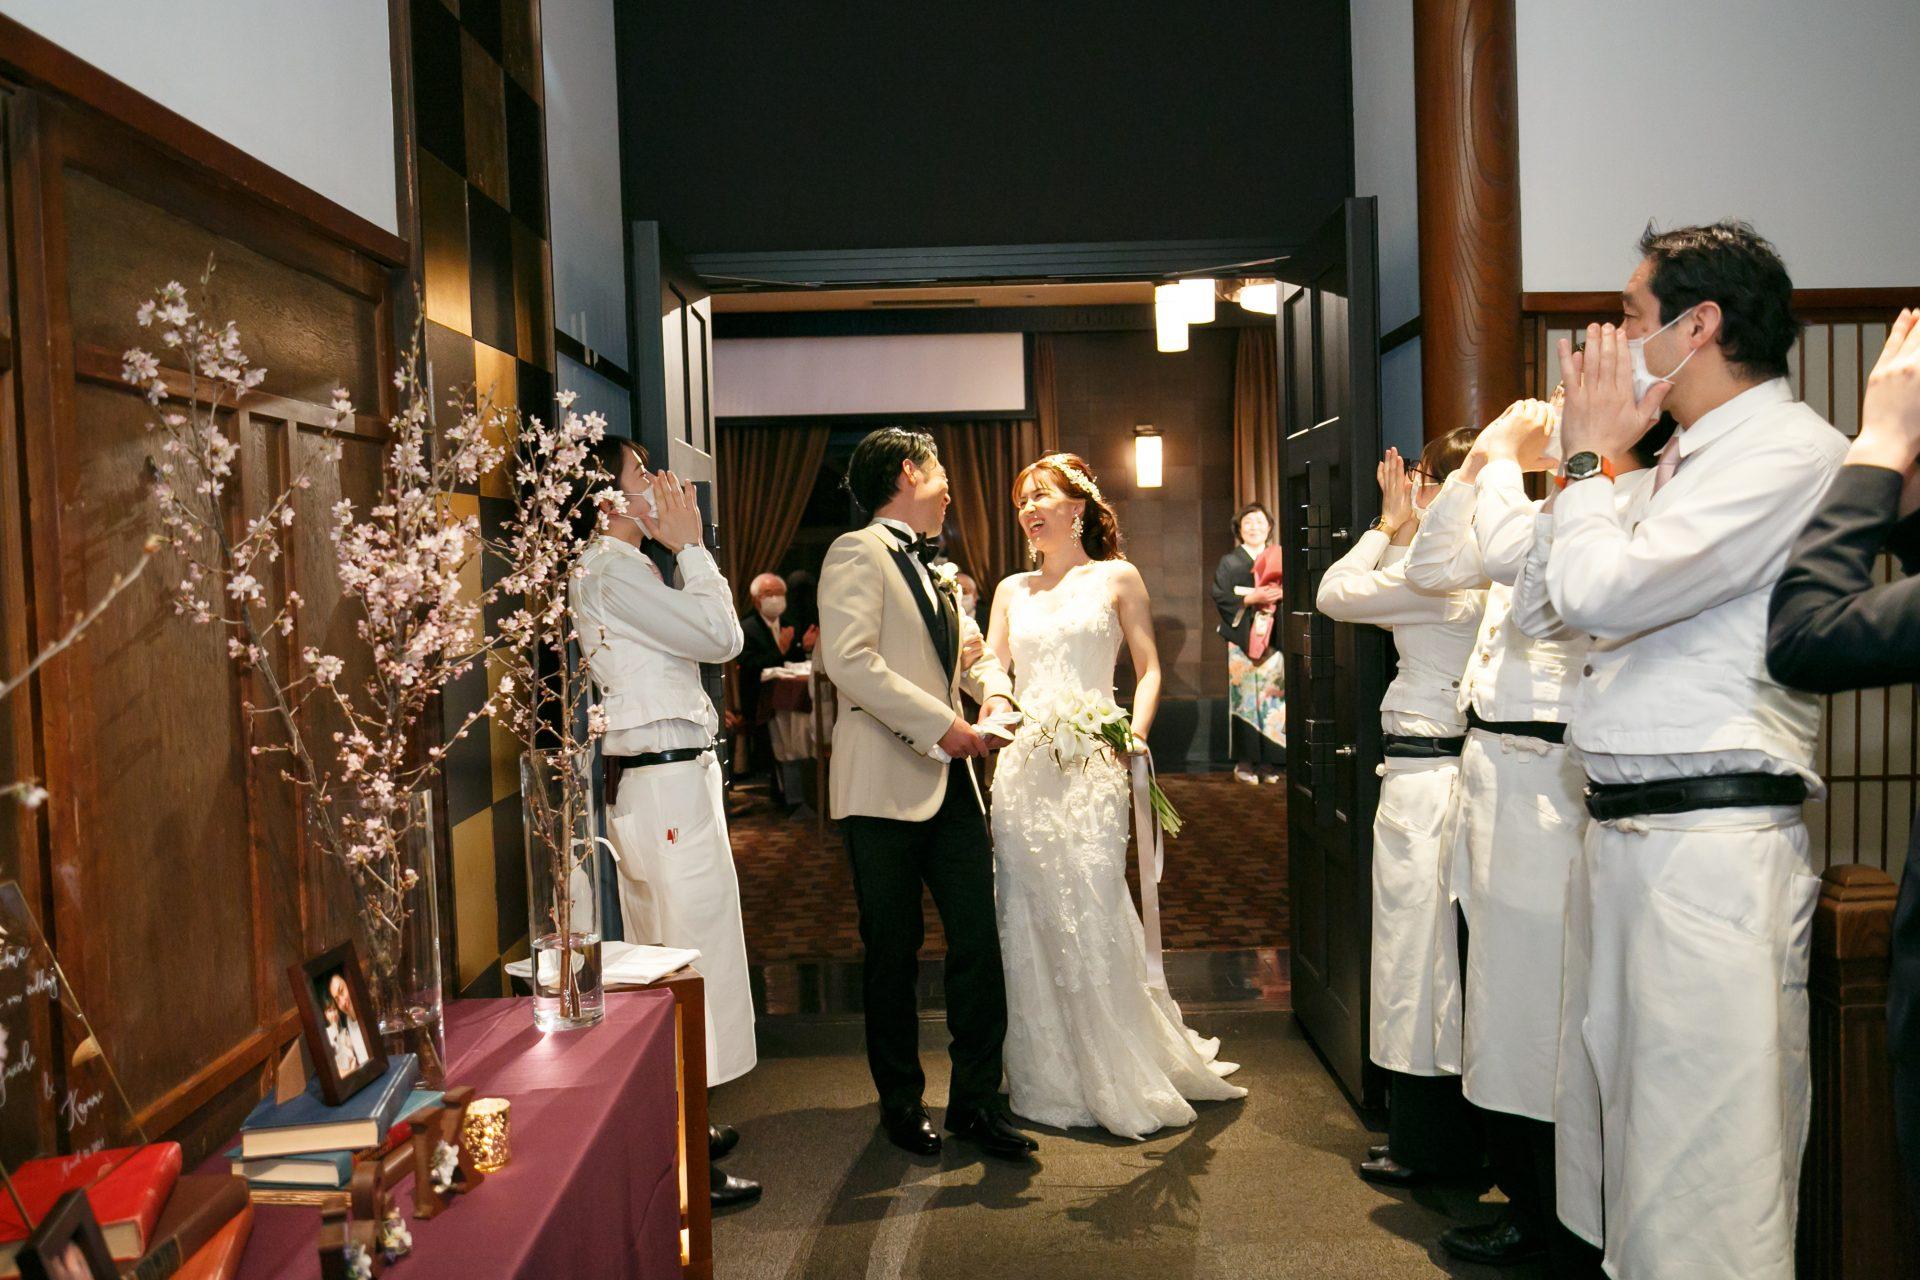 アイボリーのチェンジジャケットをお召しになったご新郎様とモニークルイリエのスレンダーラインのウェディングドレスをお召しになりスタッフの祝福に囲まれながら仲良く披露宴退場されるご新婦様